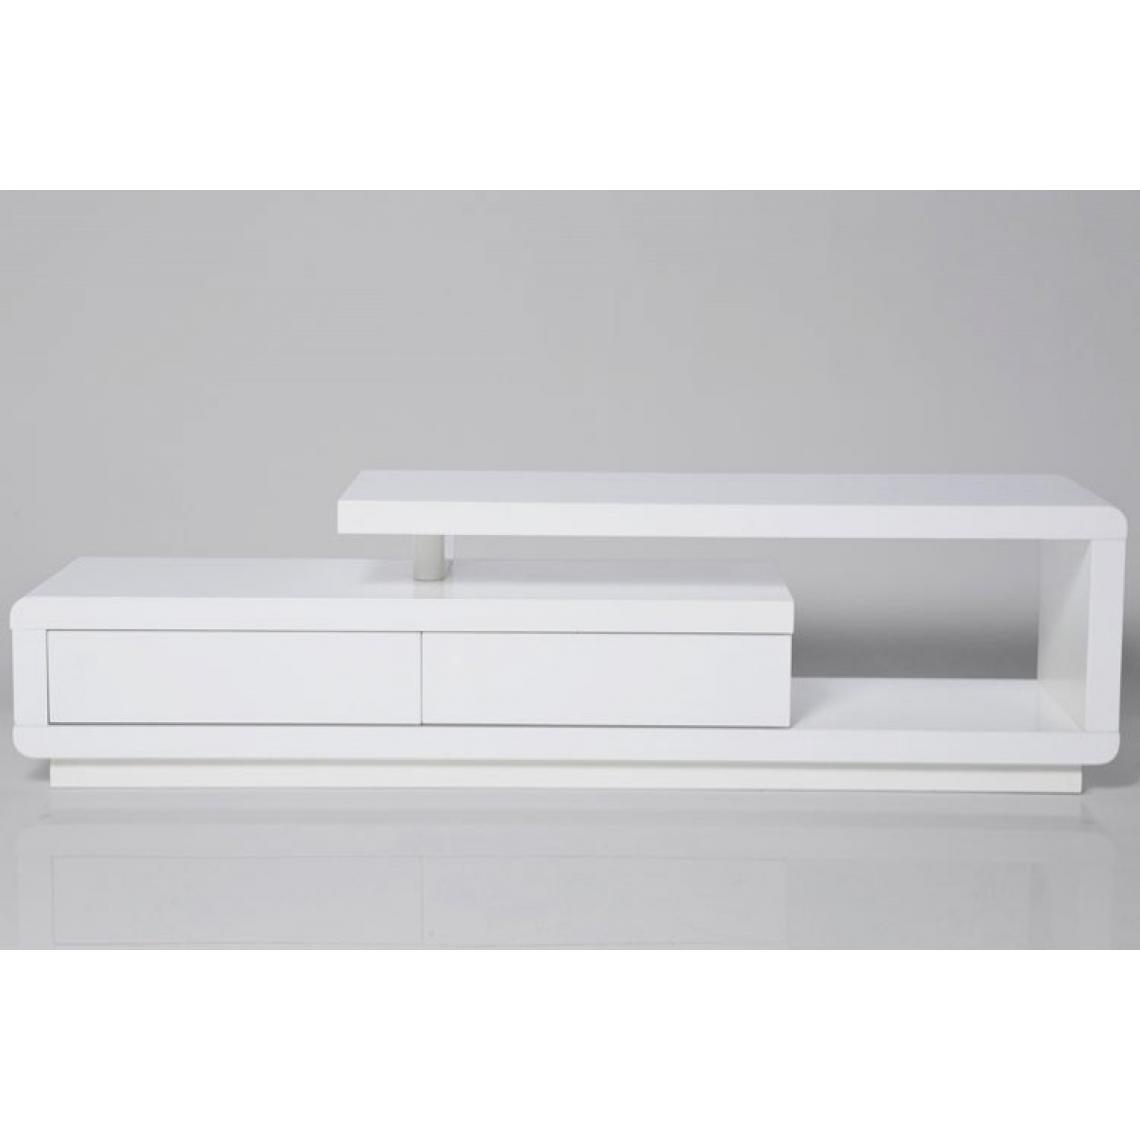 Meuble Tv Grande Taille meuble tv blanc laqué avec tiroirs people 170x40x45 plus de détails